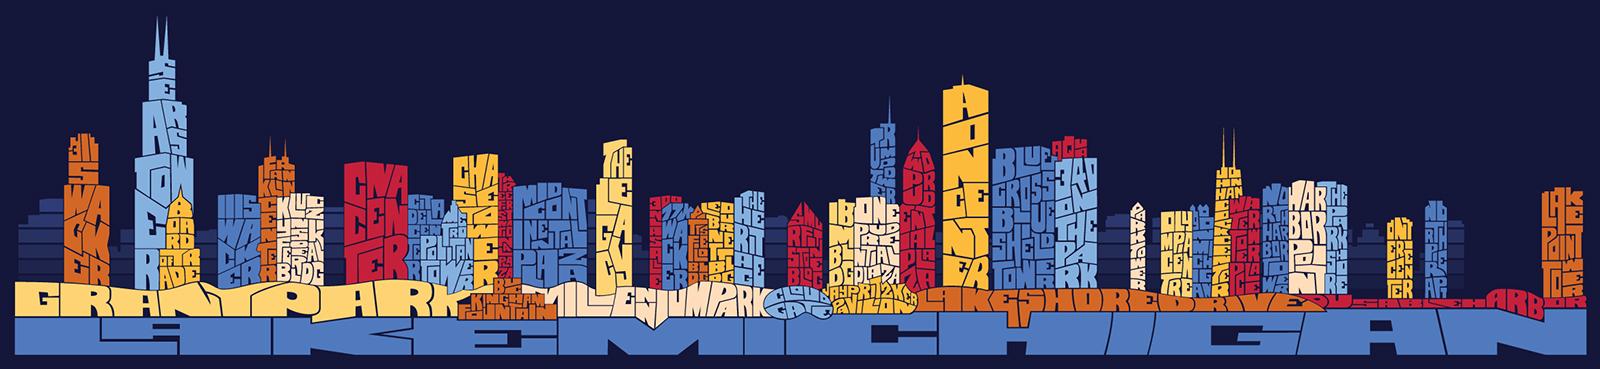 Chicago Typography Skyline